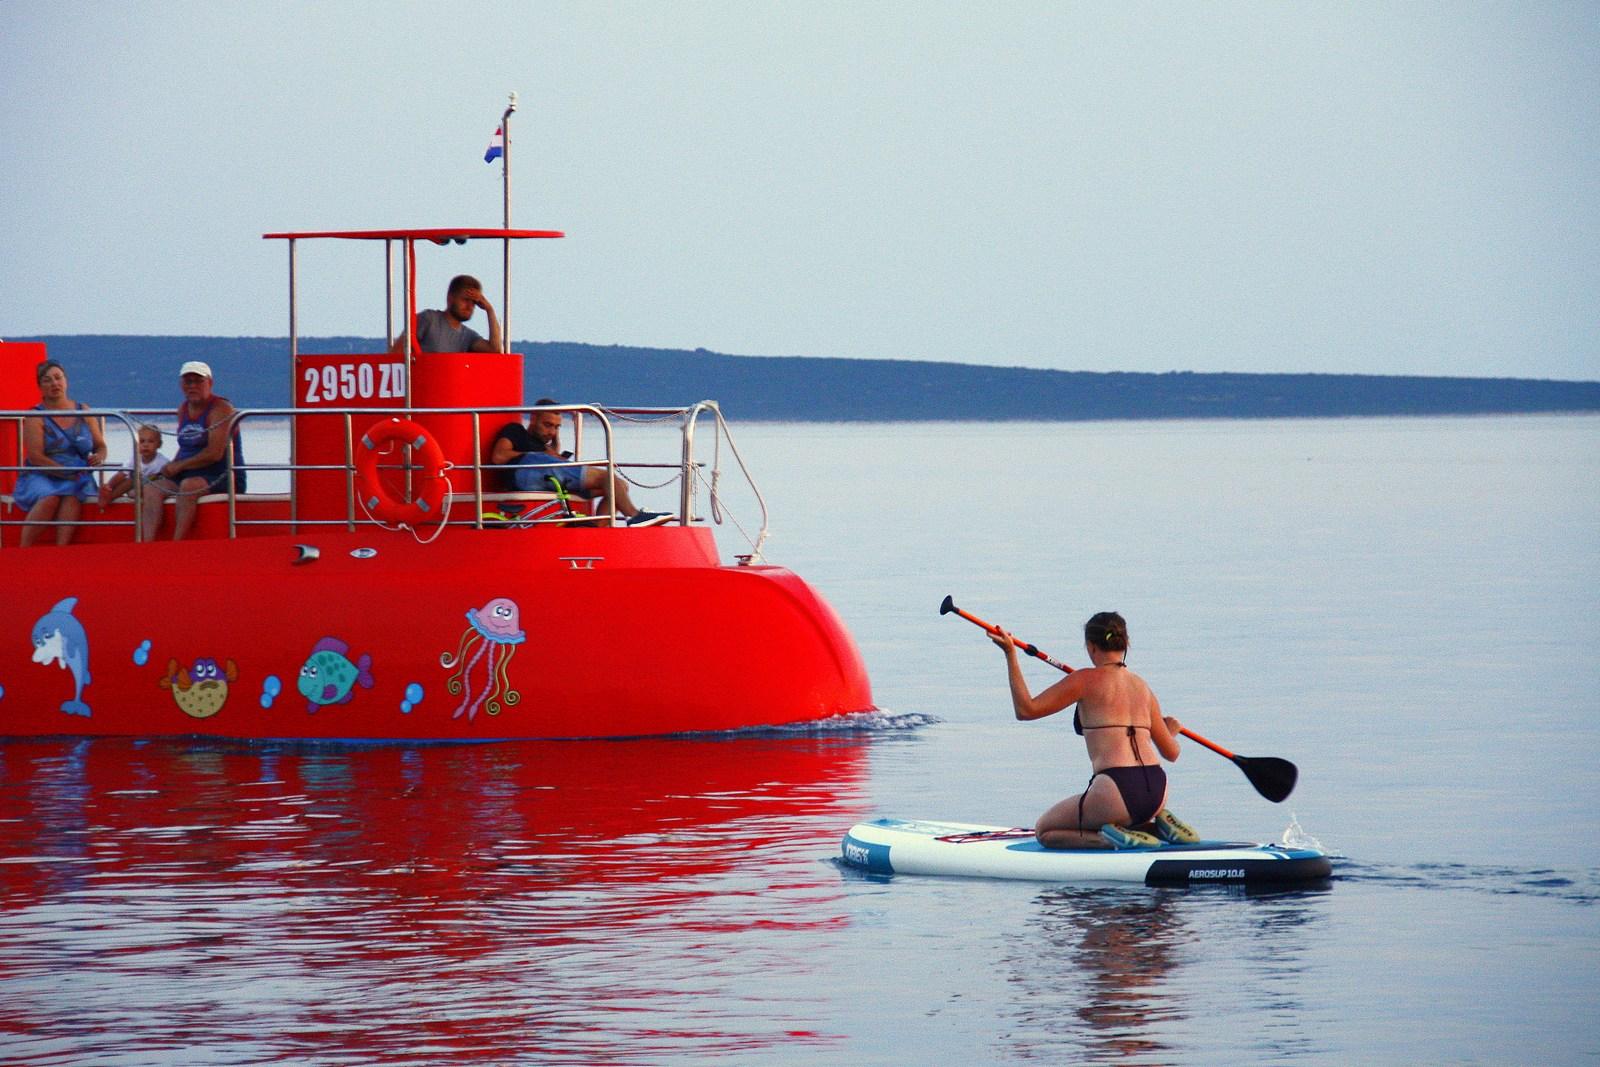 Podmornica sreča sup. Suparko. :-)